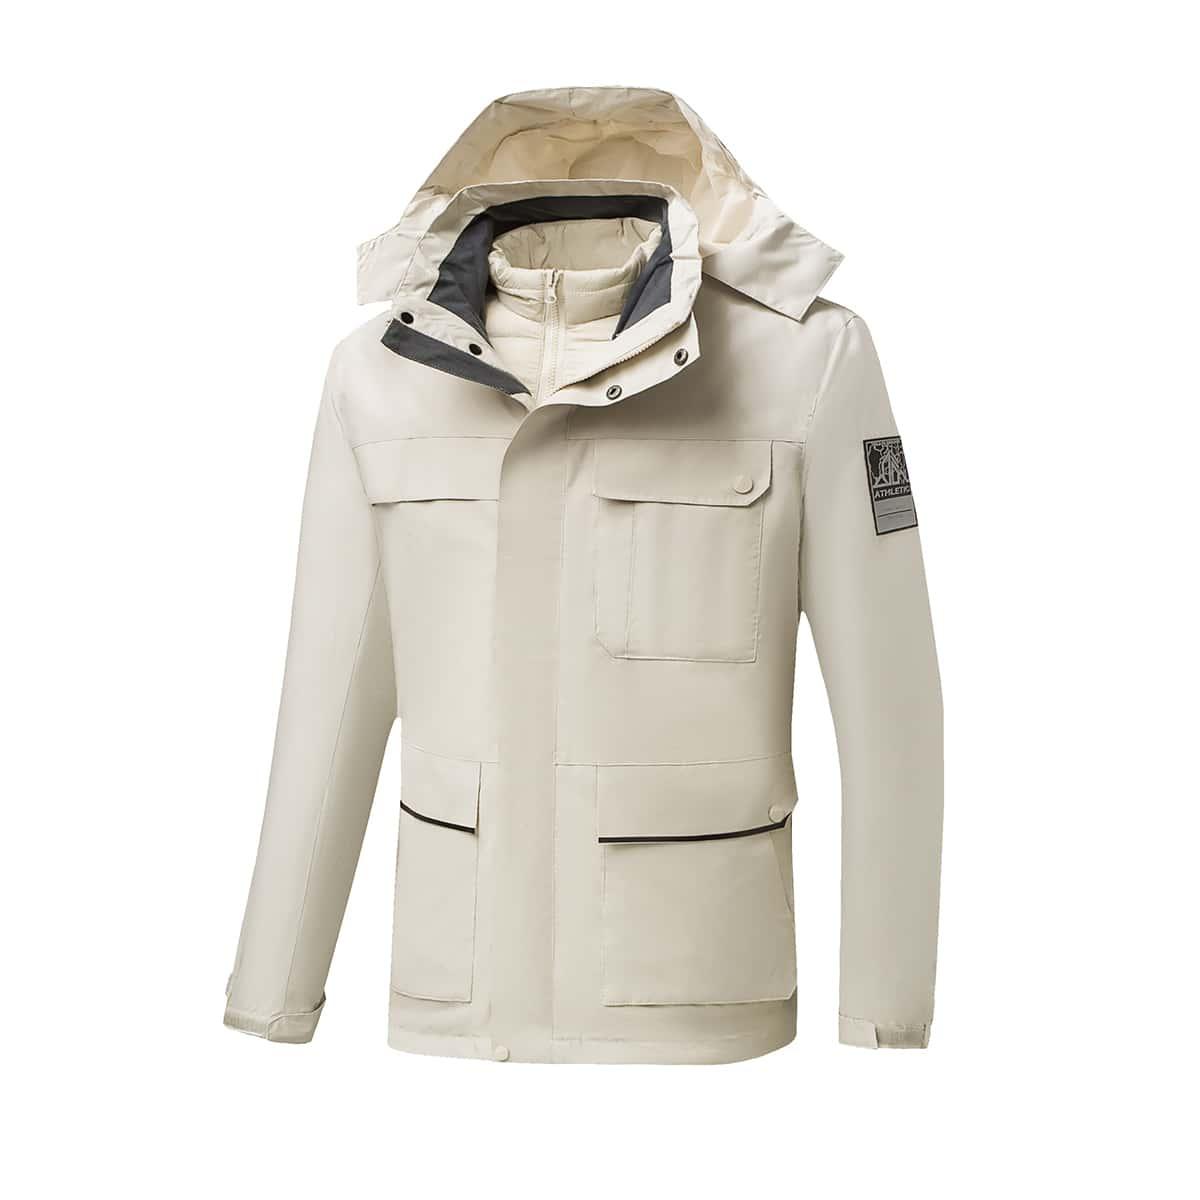 Мужская 3 в 1 водонепроницаемая куртка с капюшоном со съемной подкладкой